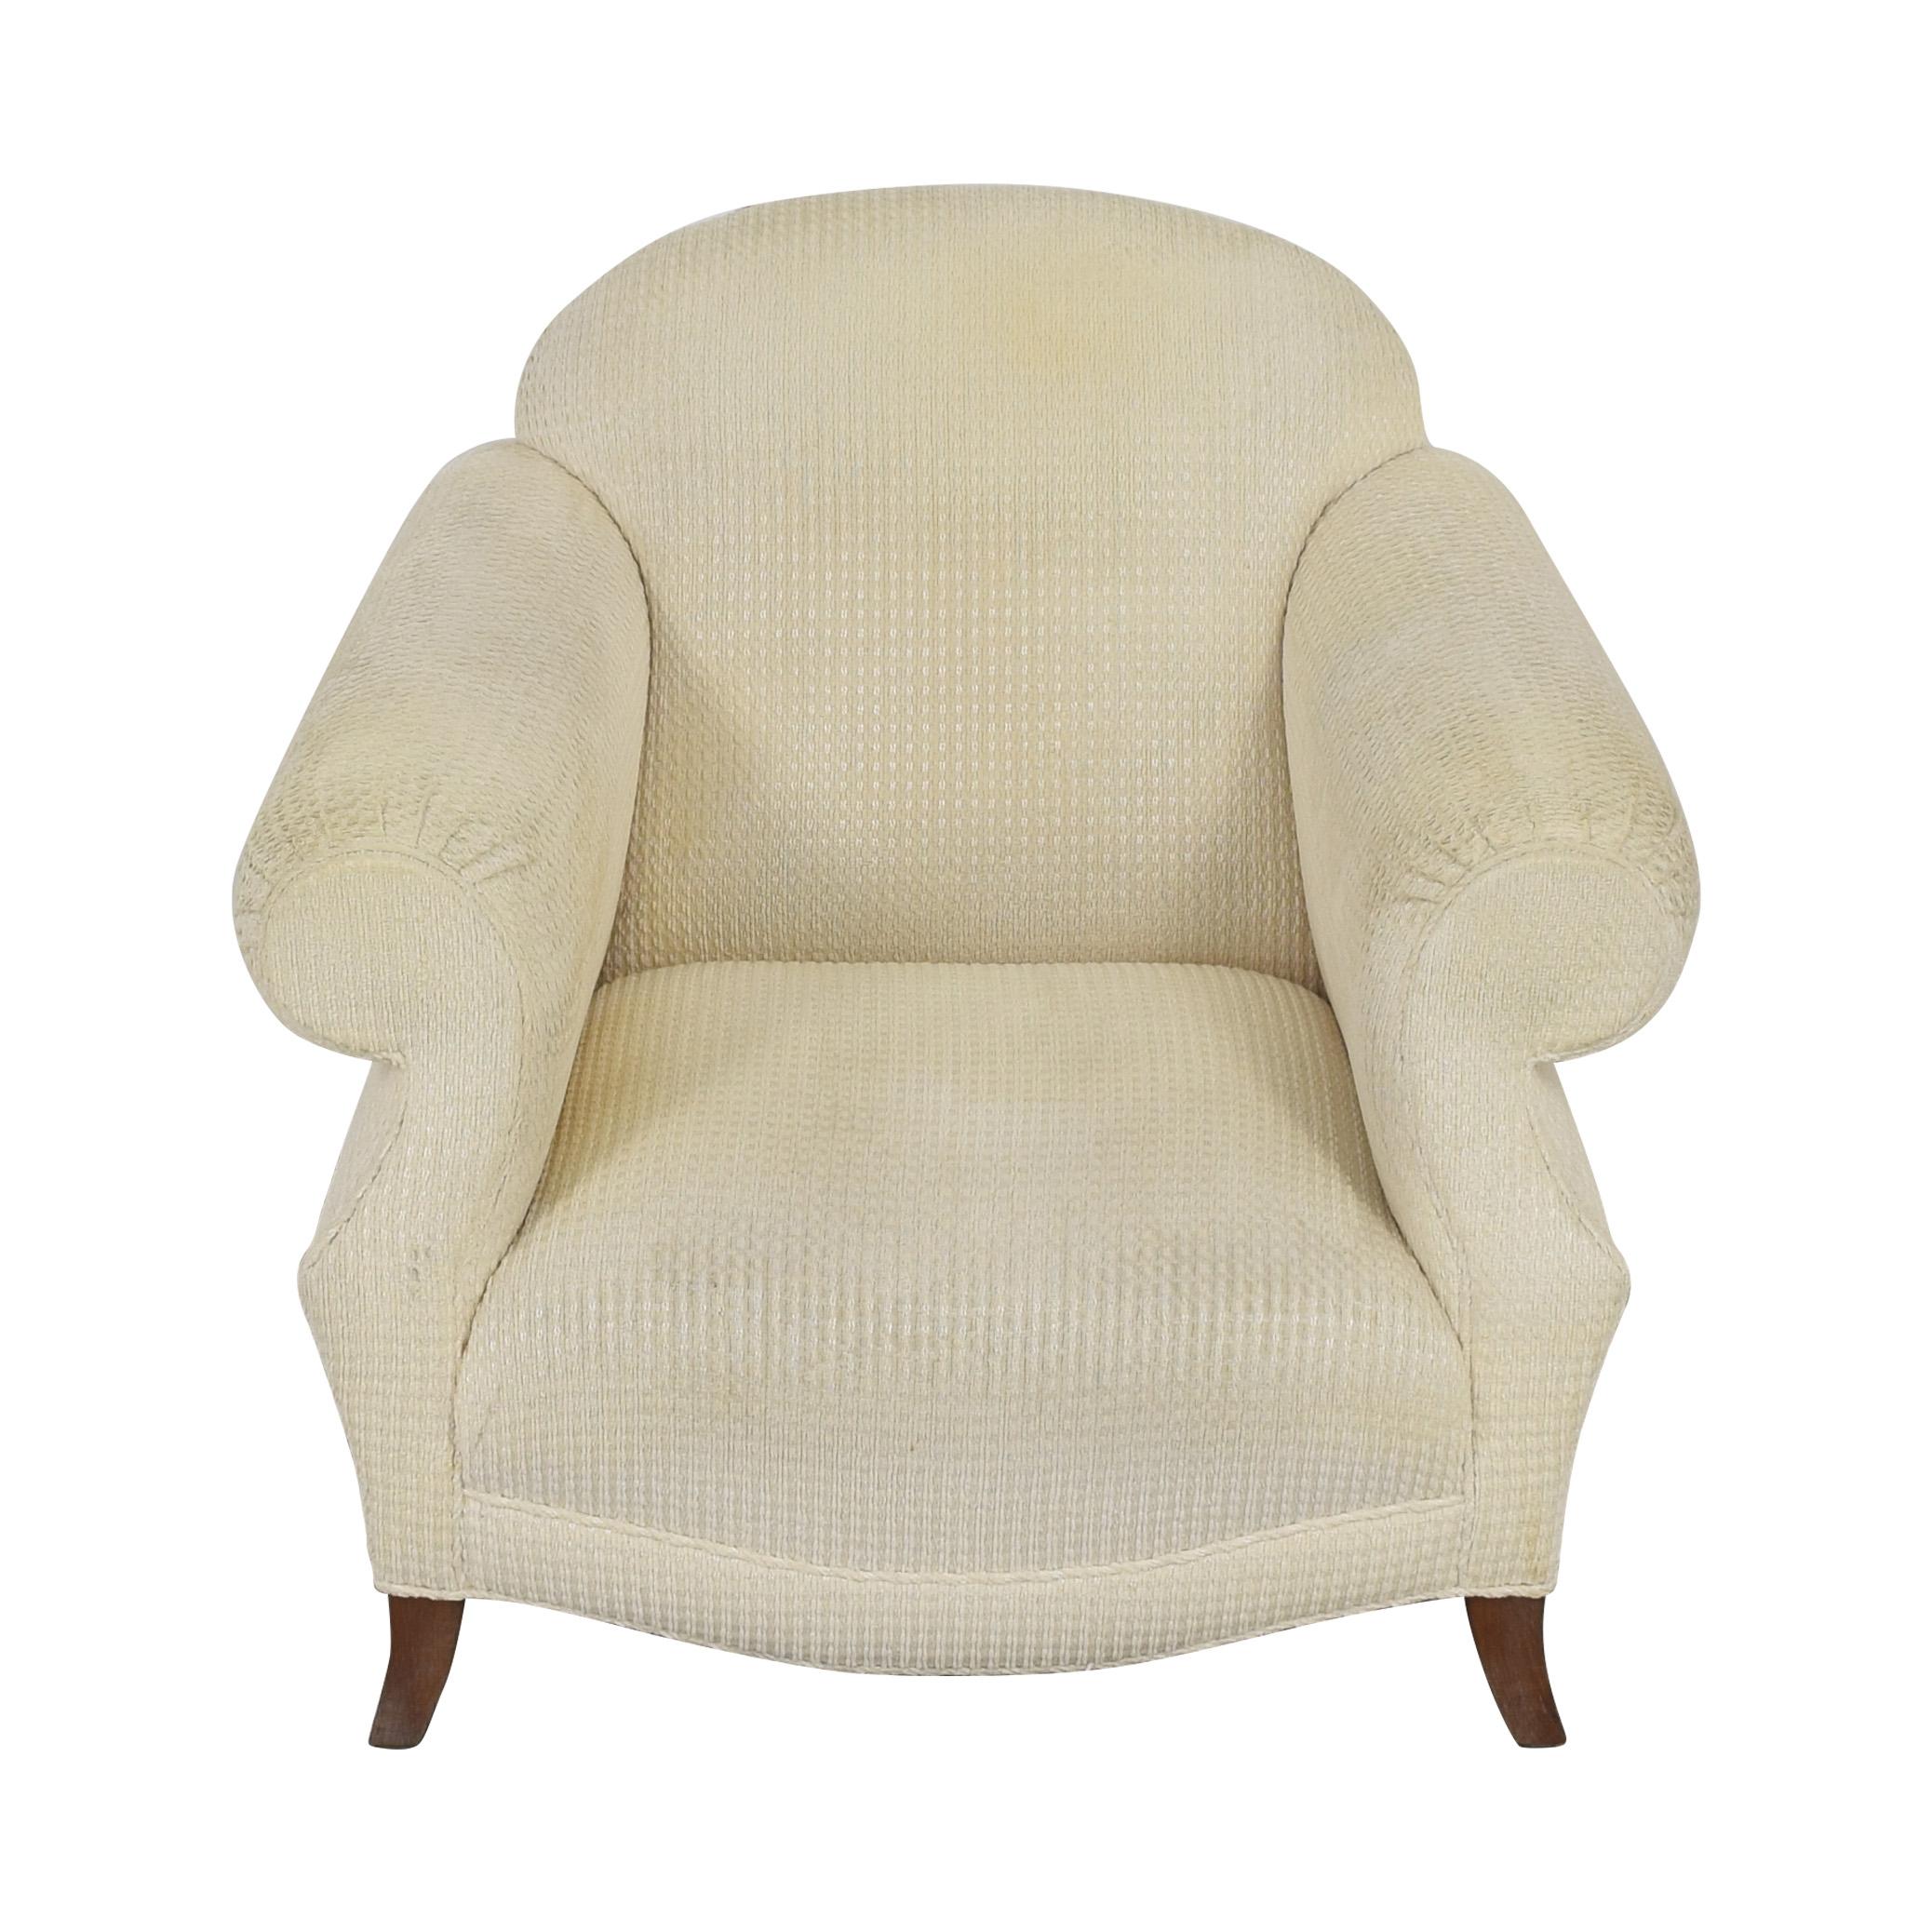 Swaim Accent Chair / Chairs